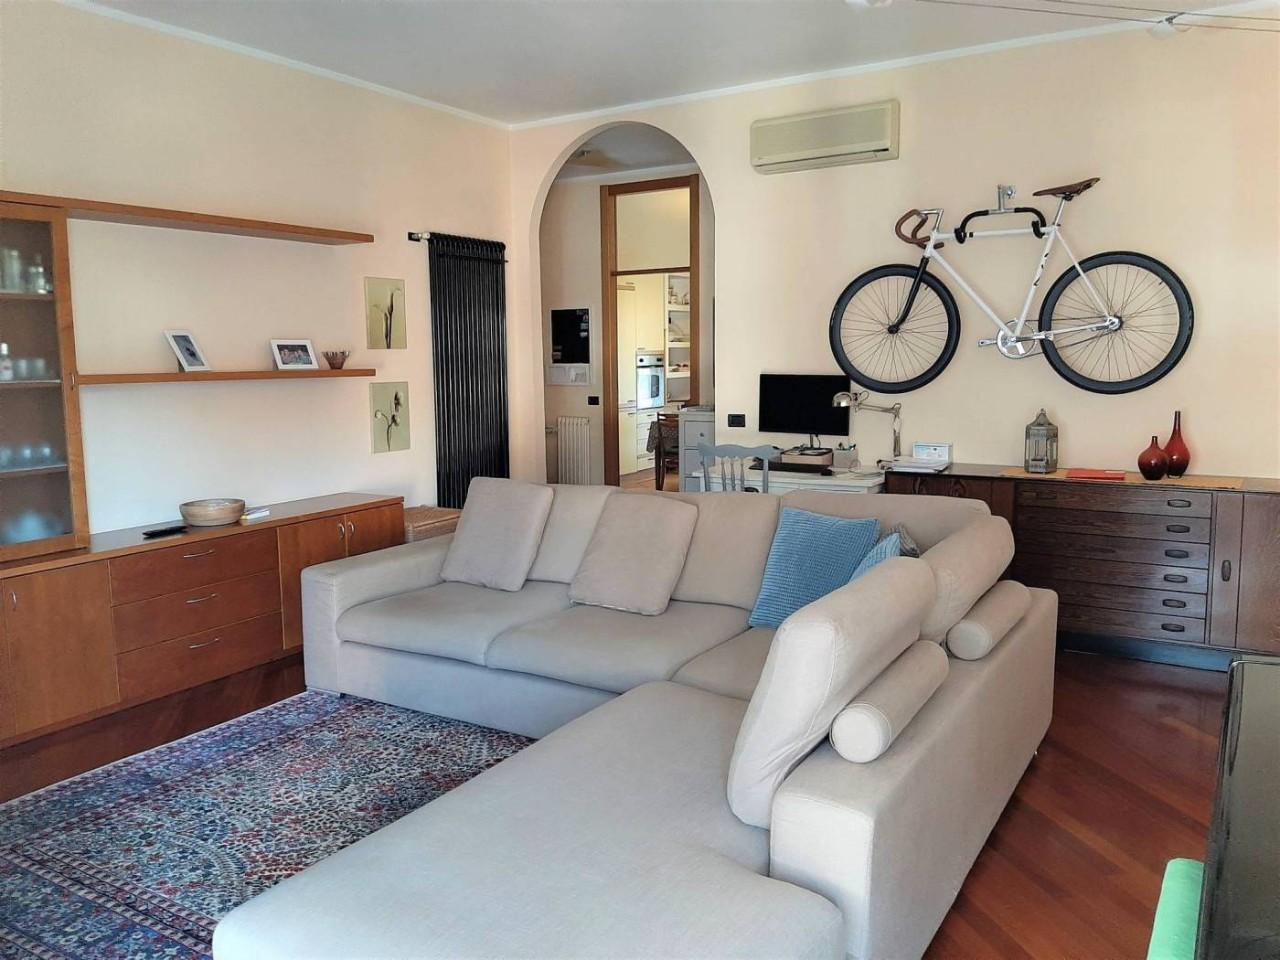 Appartamento in vendita Forli Zona Piscina